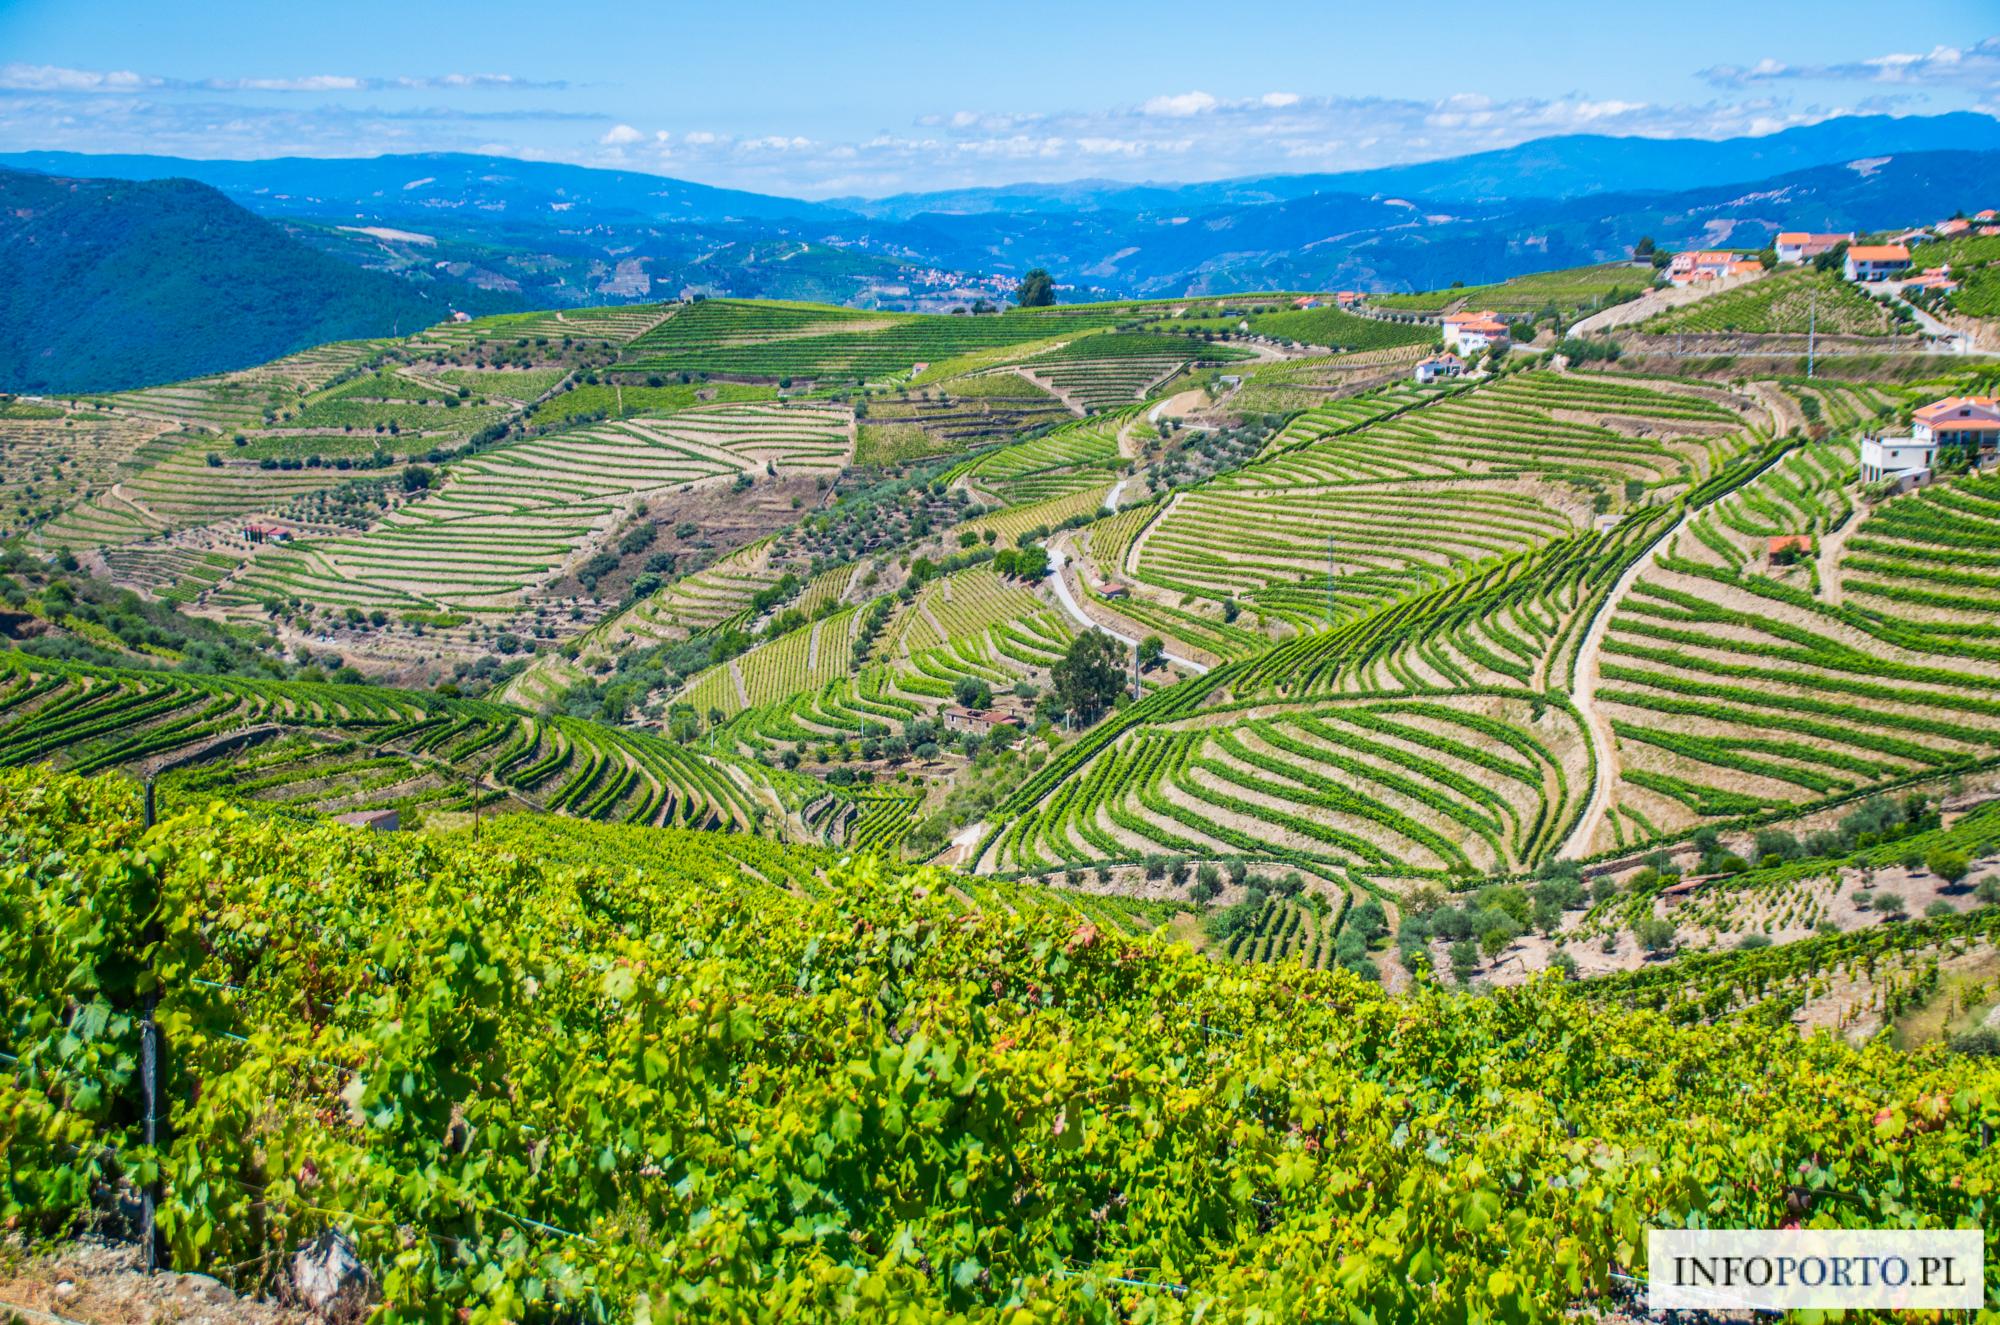 Polecane winnice w Dolinie Douro w Portugalii Portugalia quintas najlepsze winnice i producenci win zwiedzanie winic opis przewodnik zestawienie lista którą winnice wybrać TOP THE BEST Winnic Douro